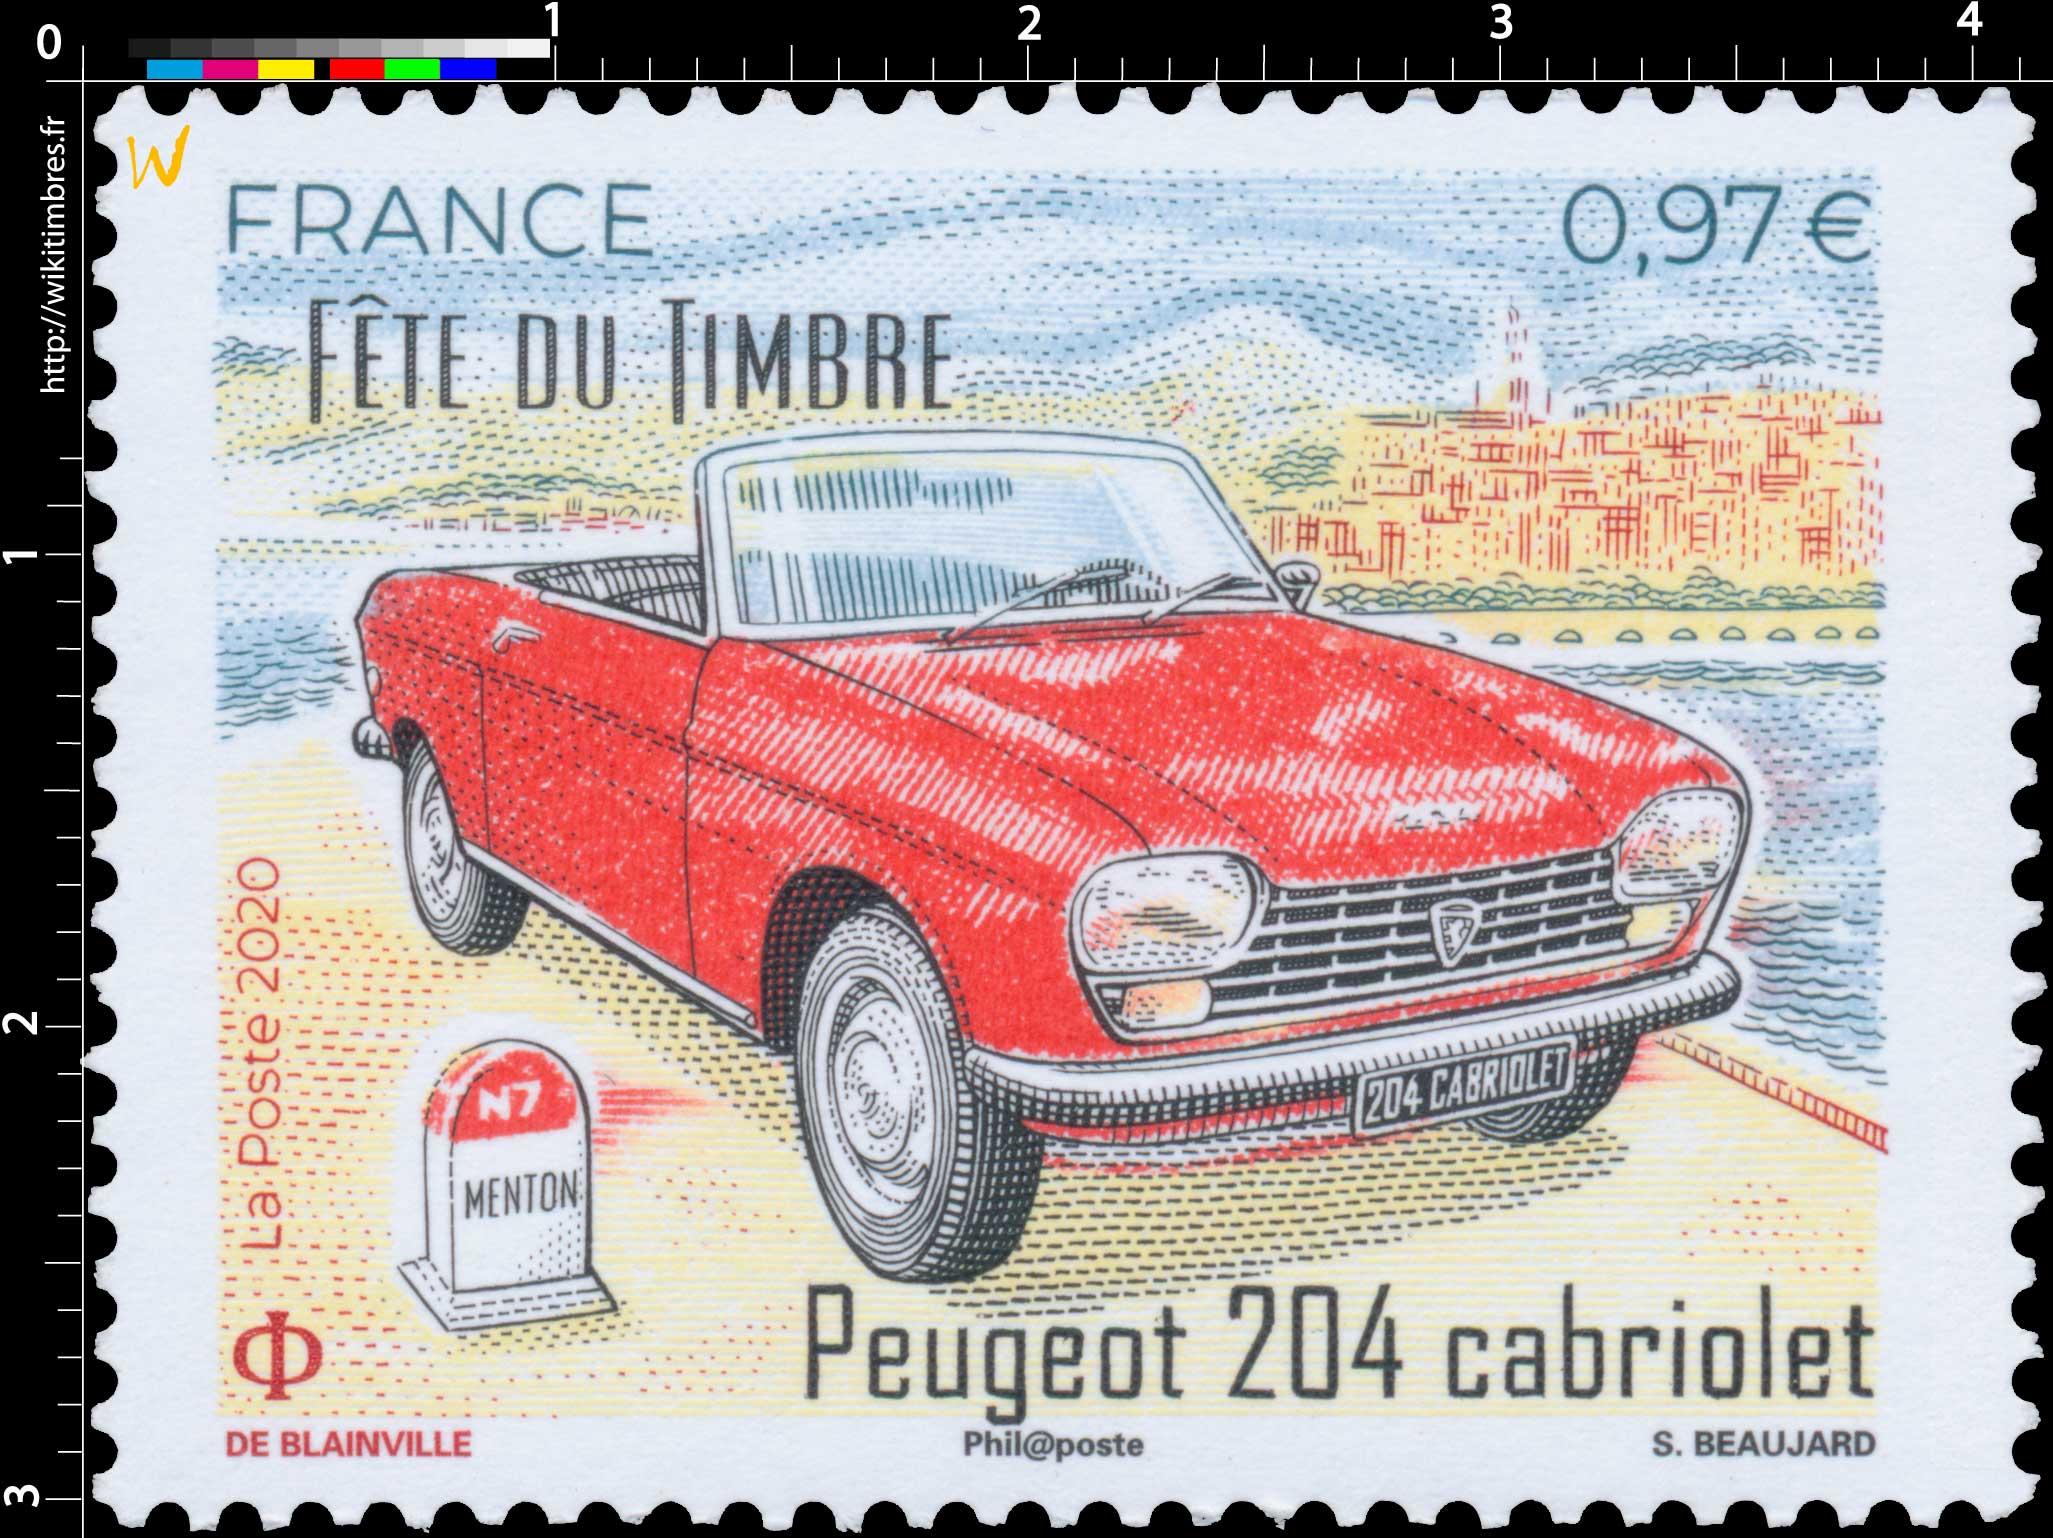 2020 Fête du timbre - Peugeot 204 cabriolet